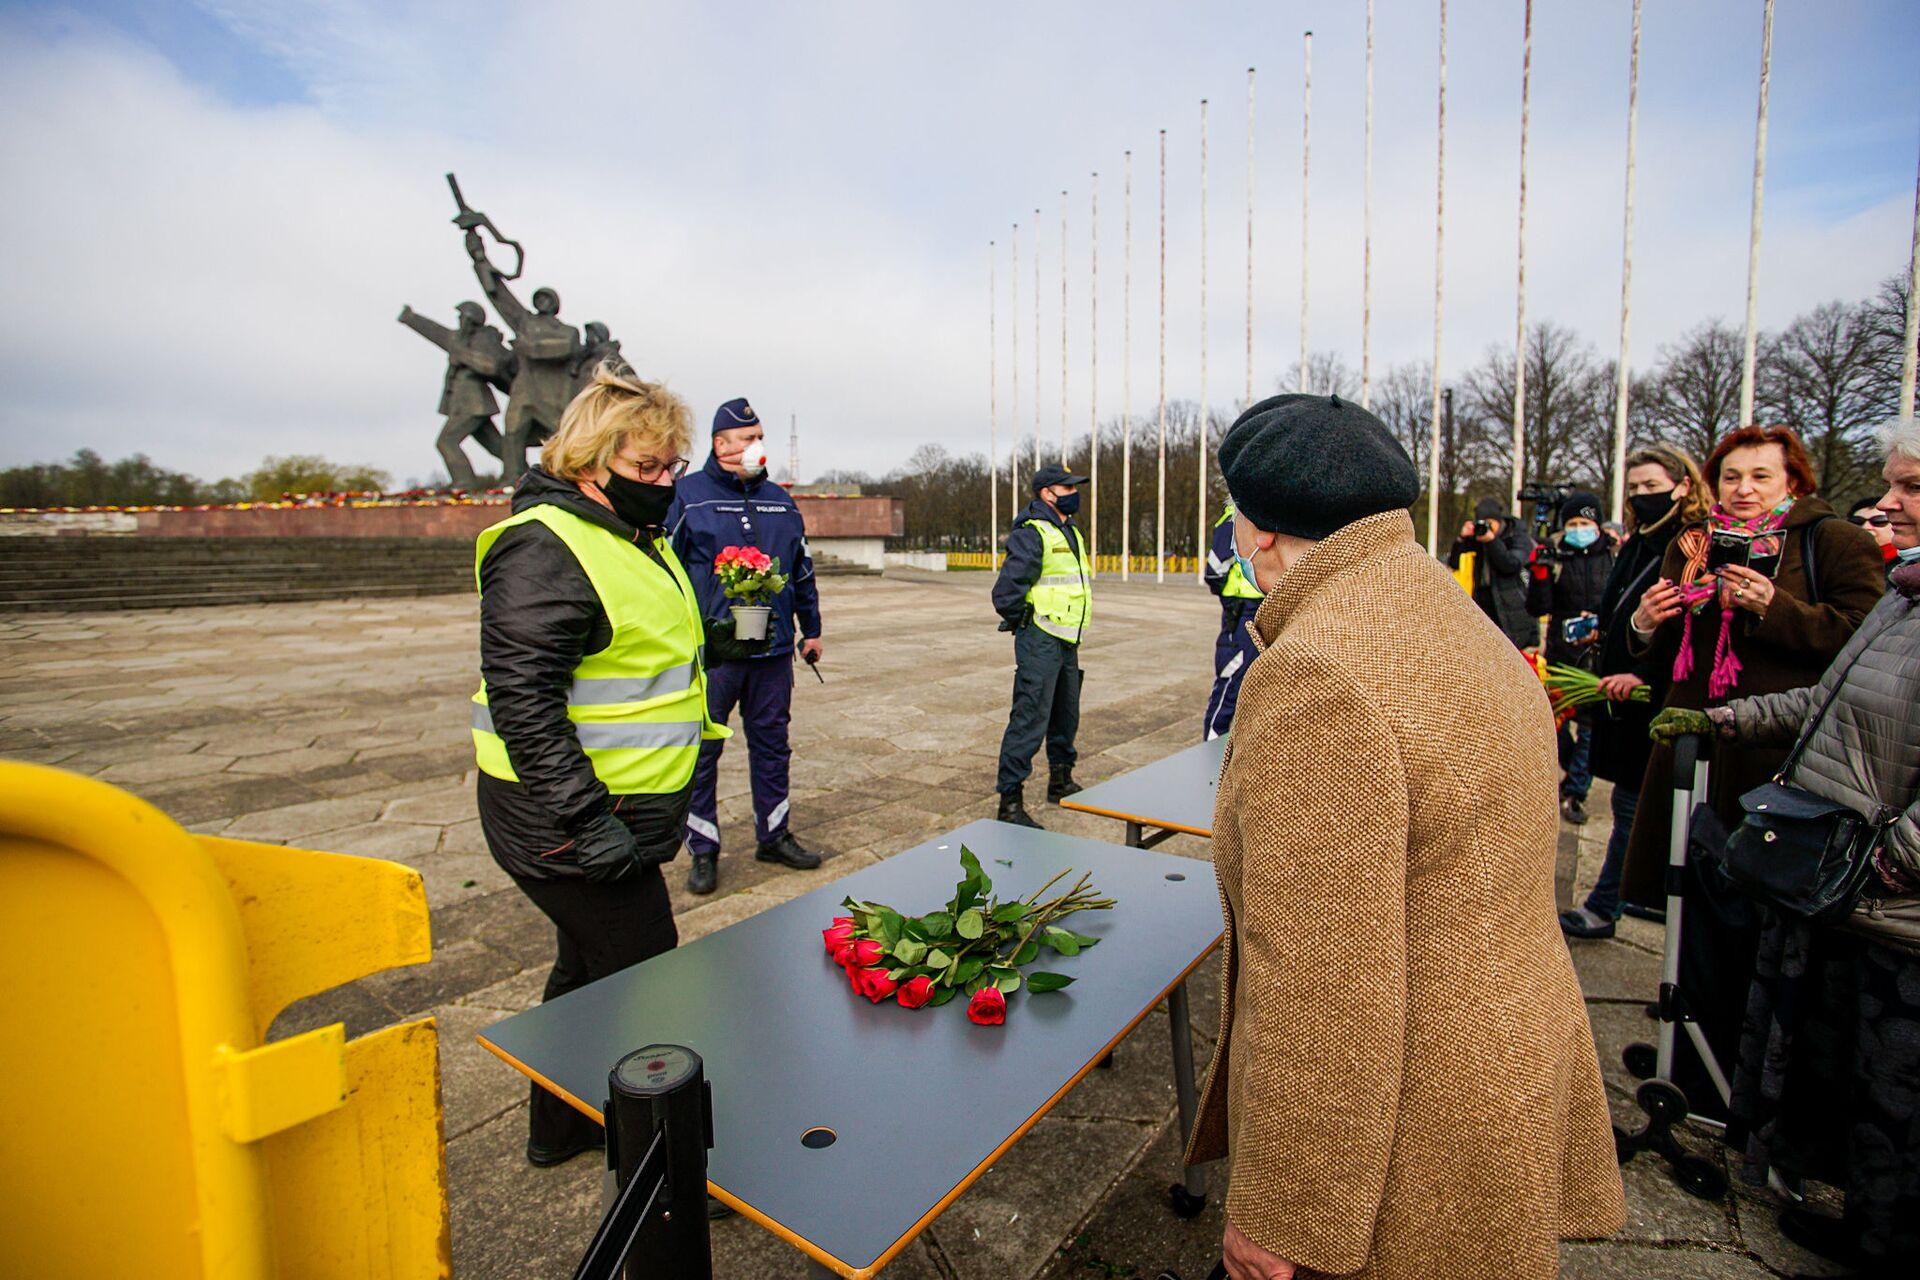 Цветы предлагают оставлять на столах, установленных возле памятника - Sputnik Latvija, 1920, 01.06.2021